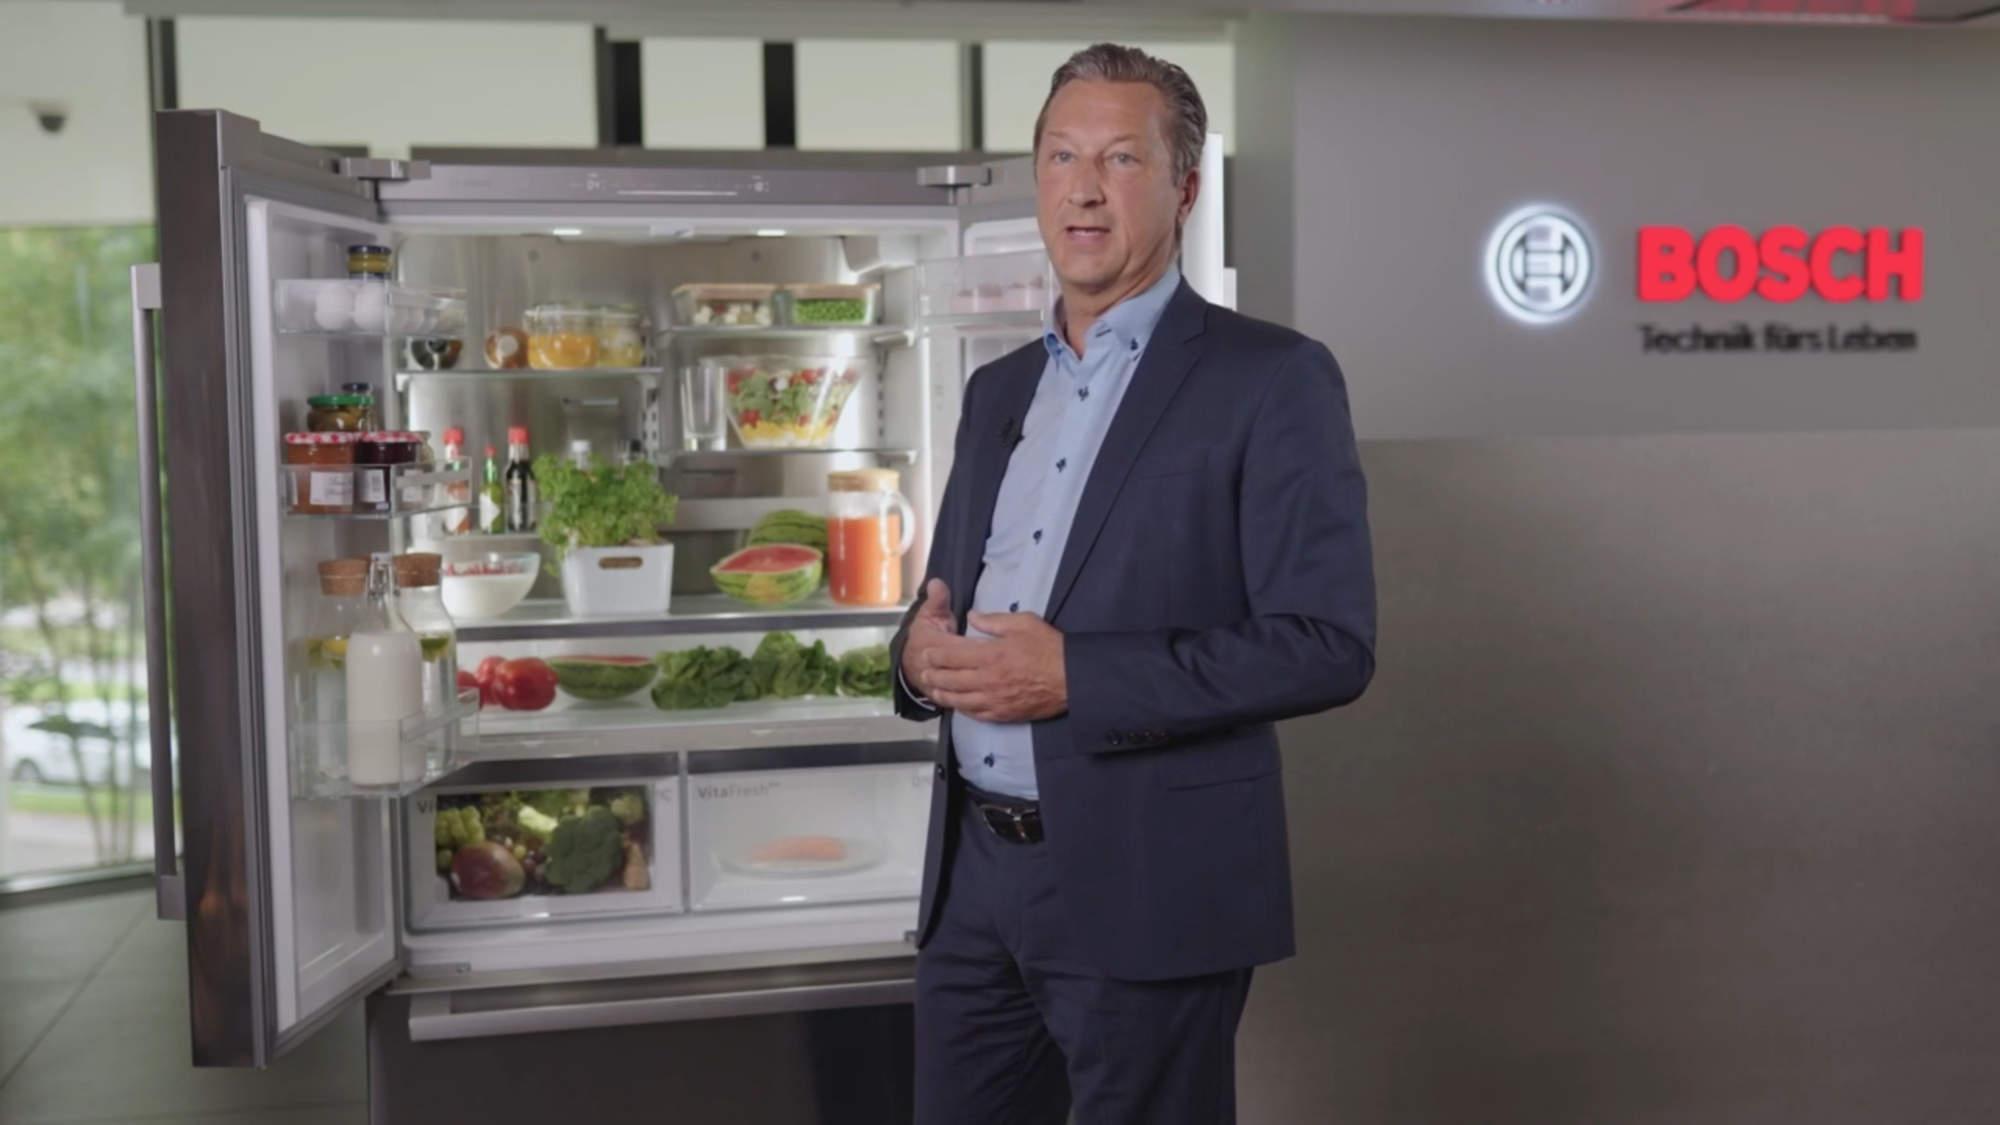 Bosch Geschäftsführer Harald Friedrich stellte die Kühlgeräte-Neuheiten vor, u.a. neue French Door-Modelle.